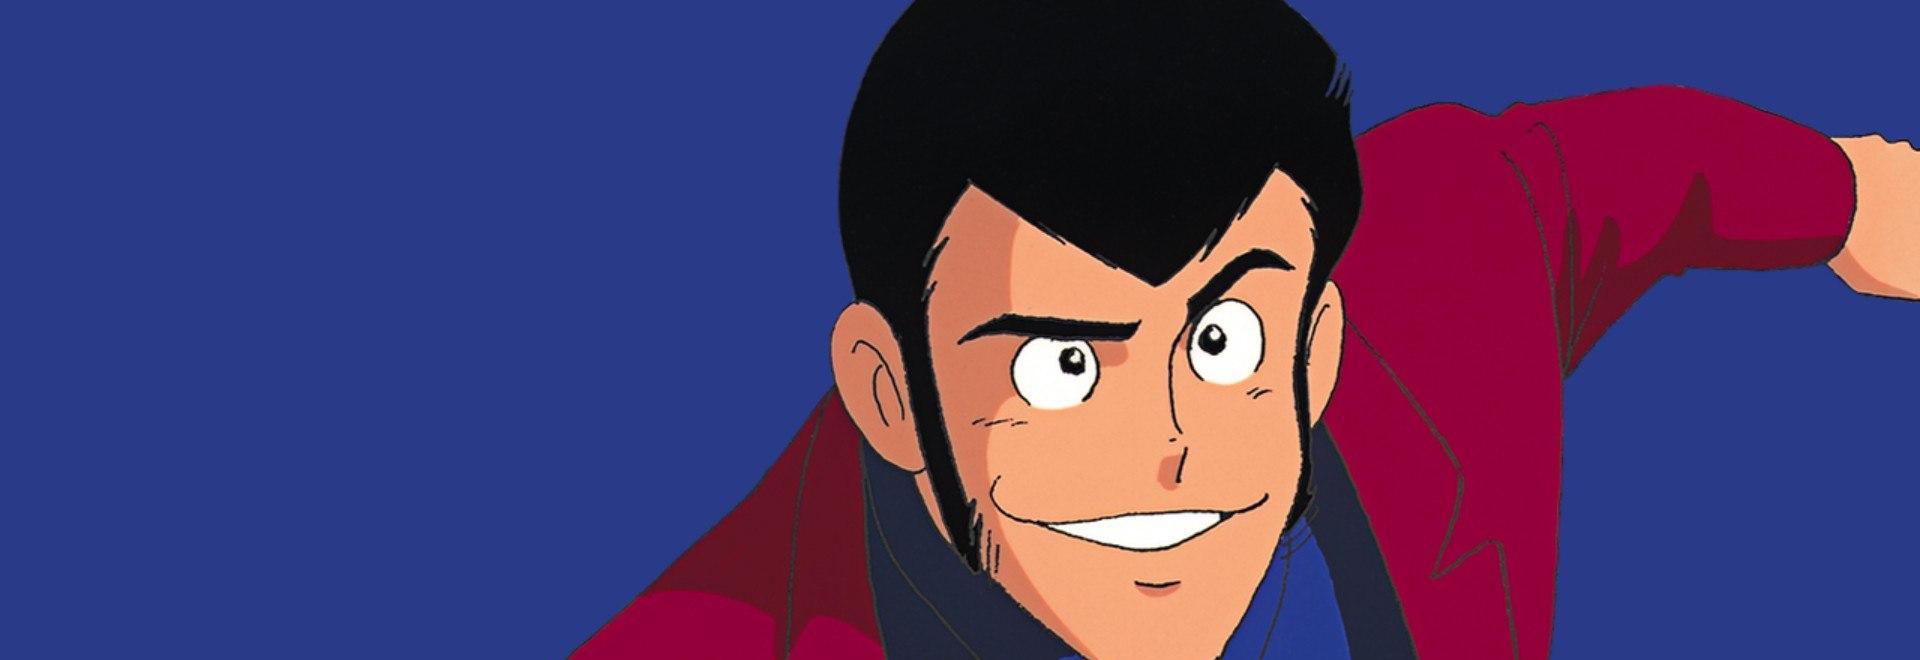 Lupin è sconfitto!